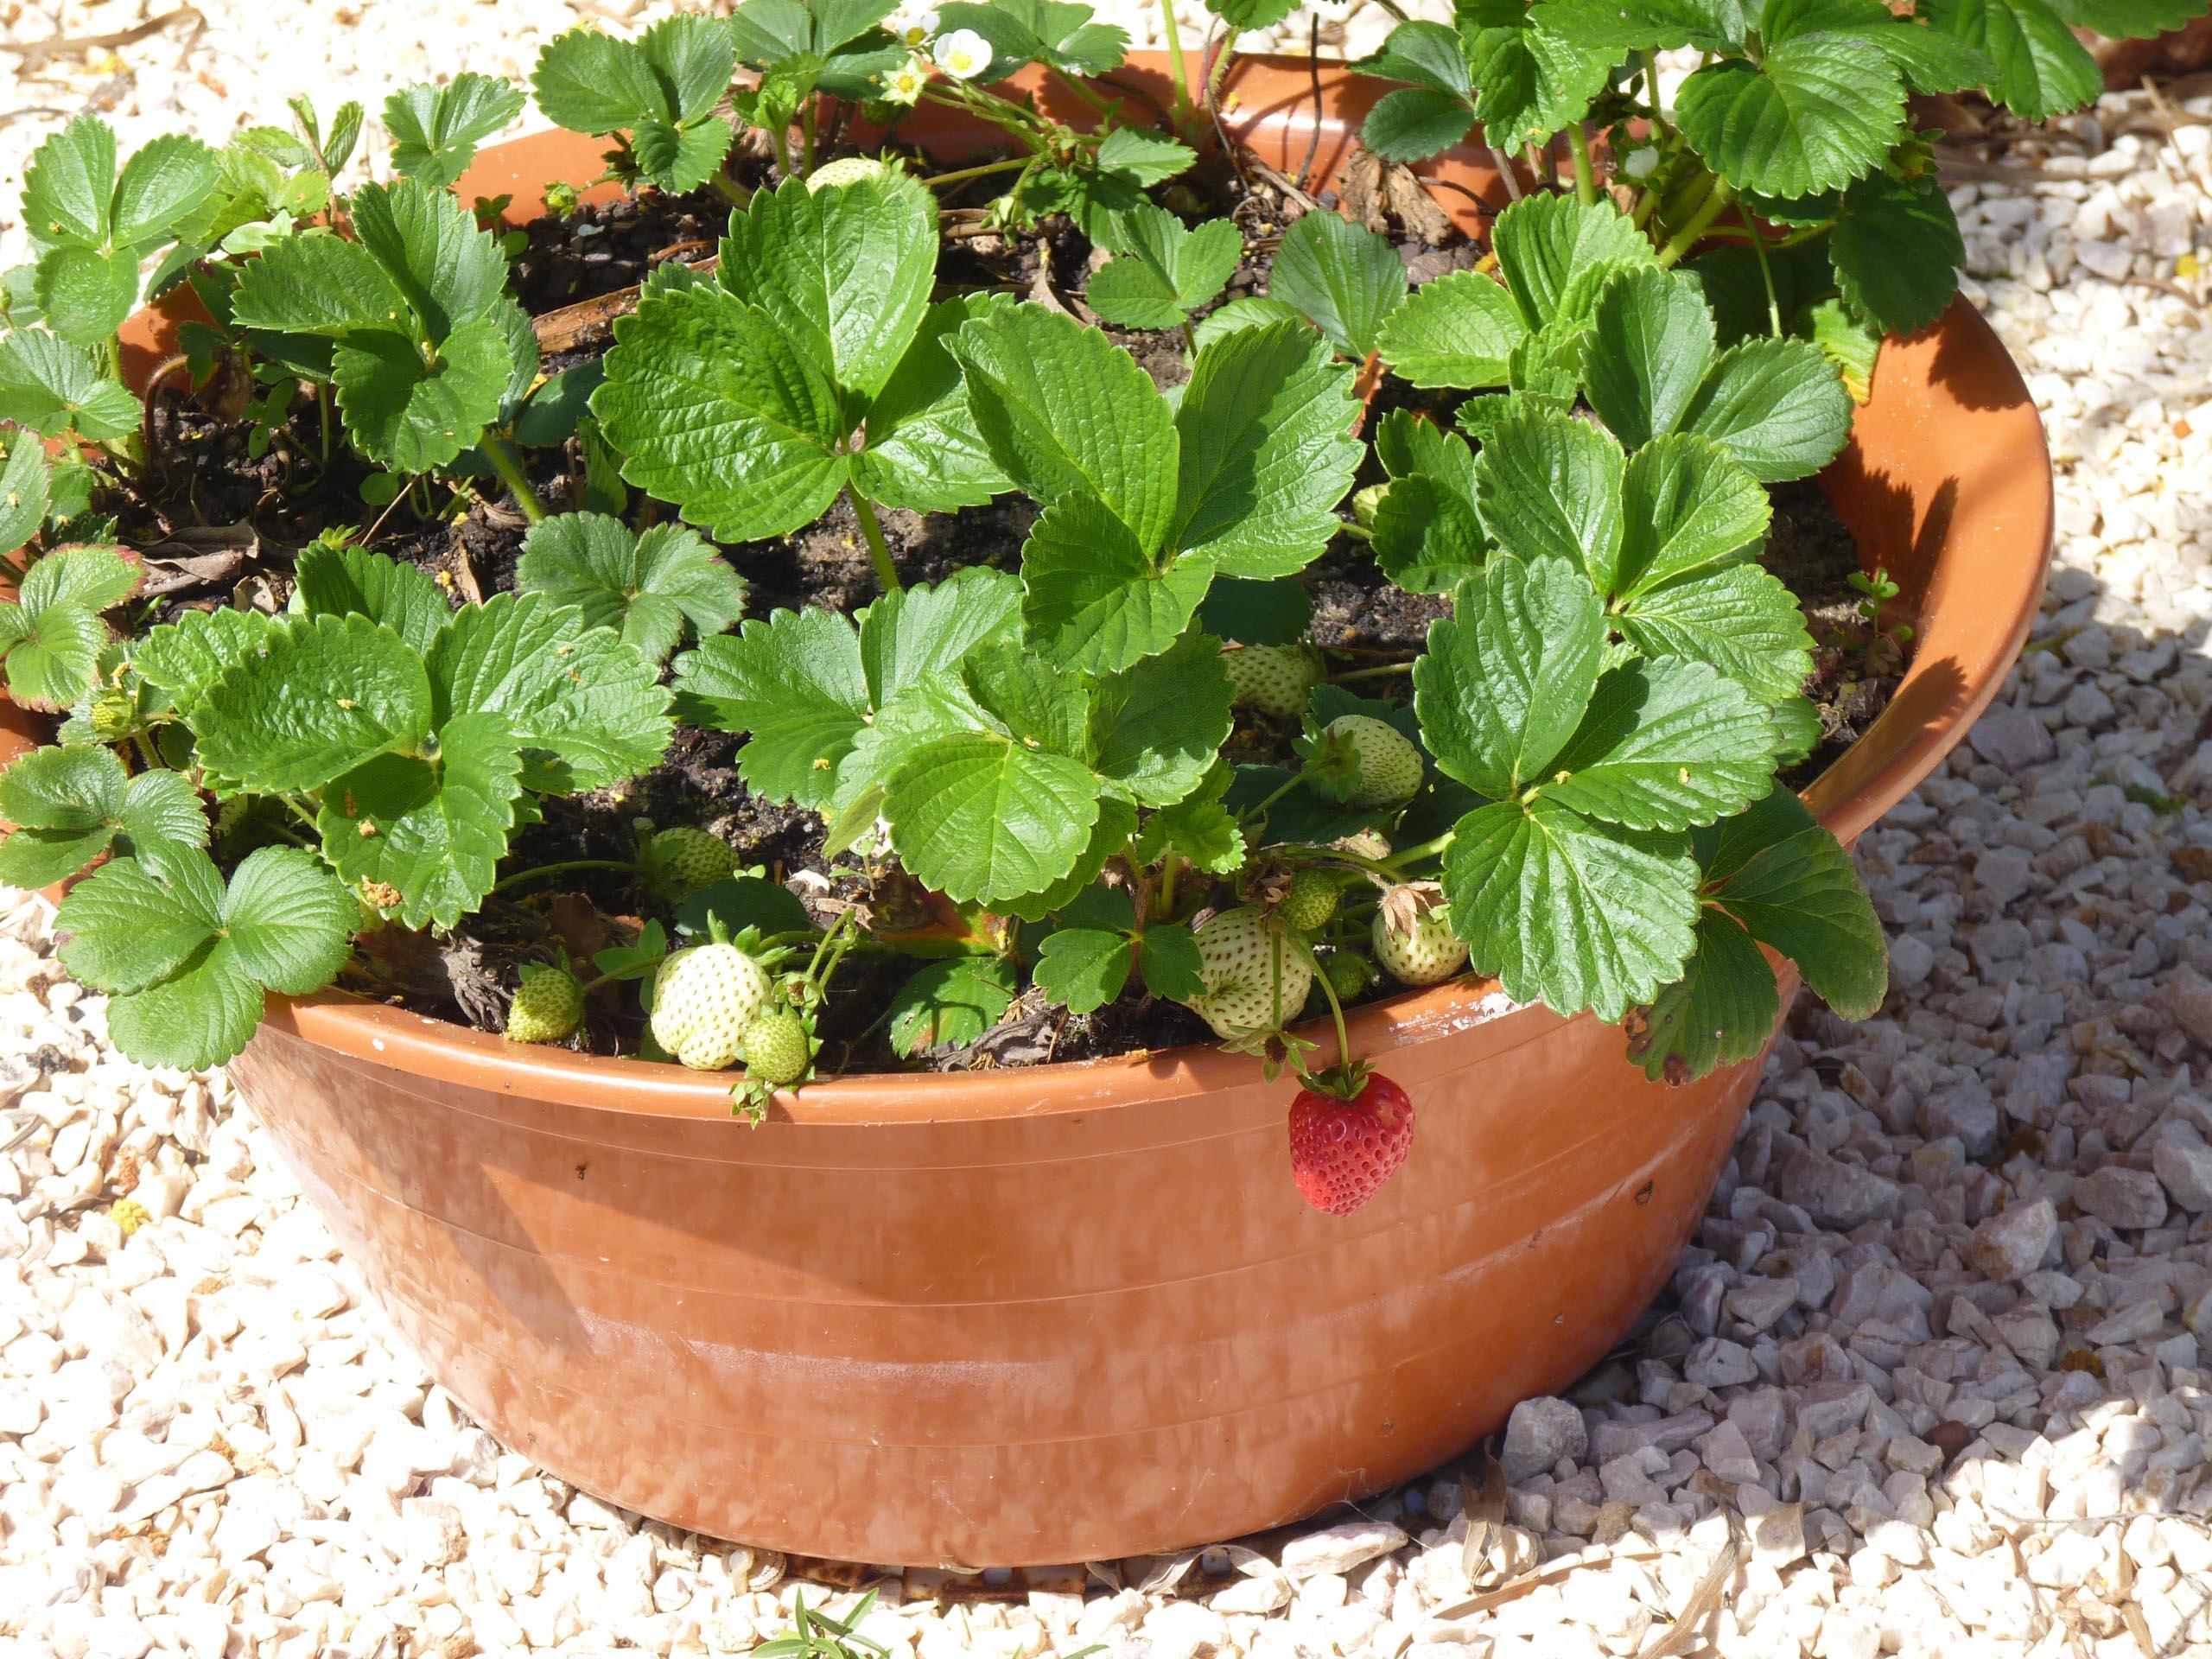 Grow Strawberries In Raised Garden Beds